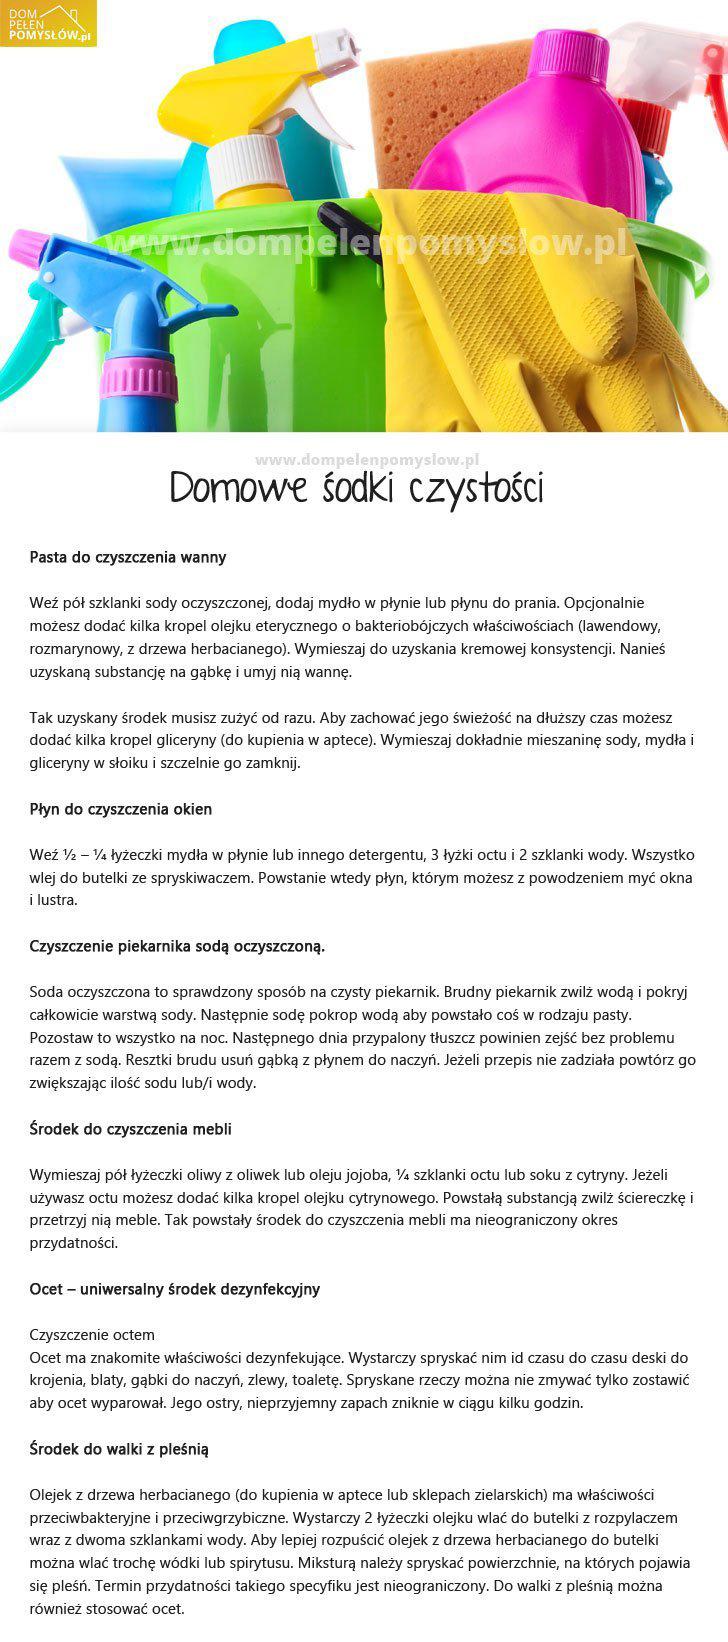 DomPelenPomyslow.pl Środki czystości domowej roboty - tania i bezpieczniejsza alternatywa